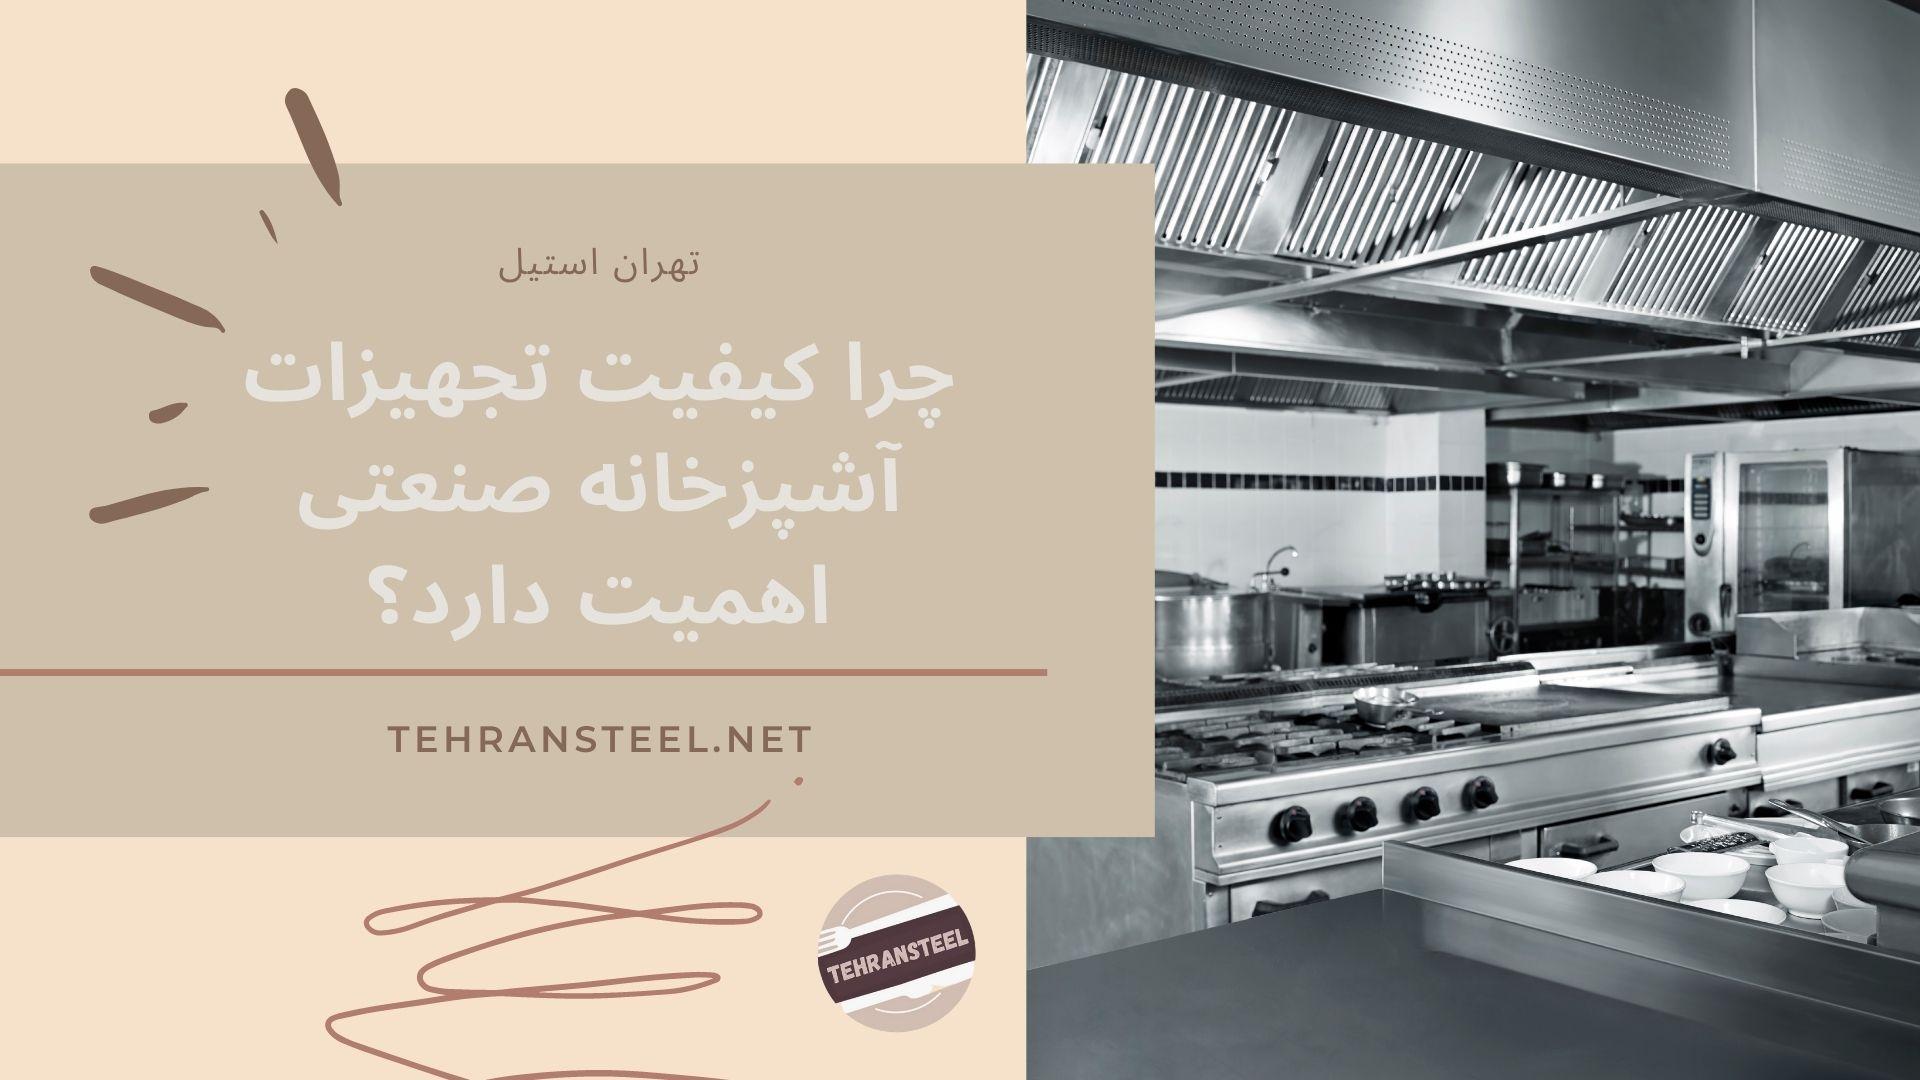 چرا کیفیت تجهیزات آشپزخانه صنعتی اهمیت دارد؟